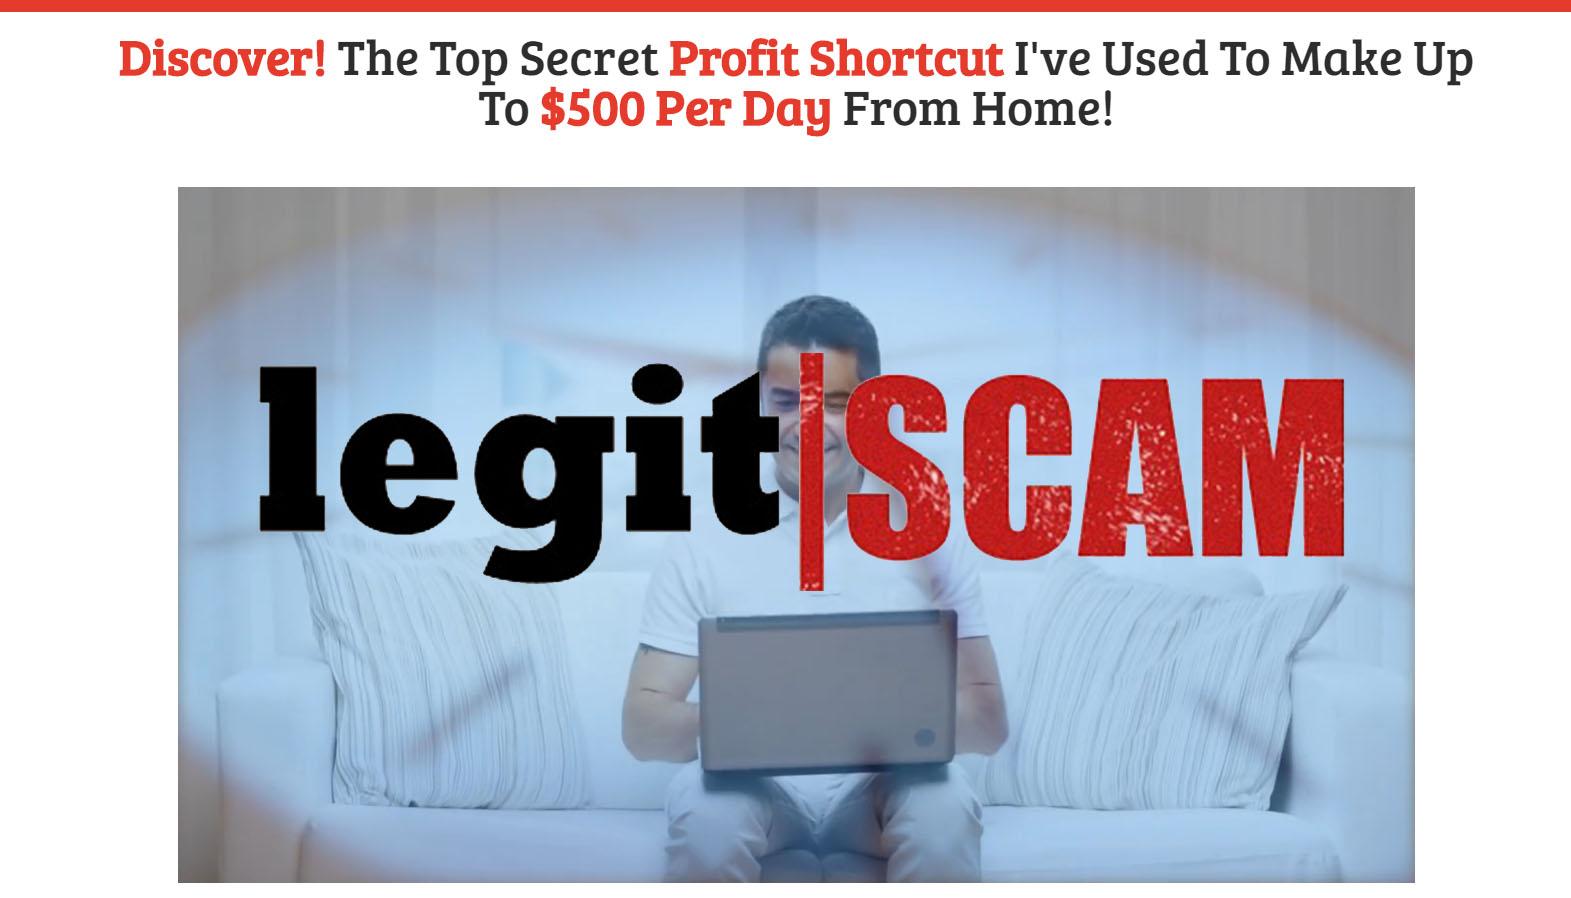 the profit shortcut review